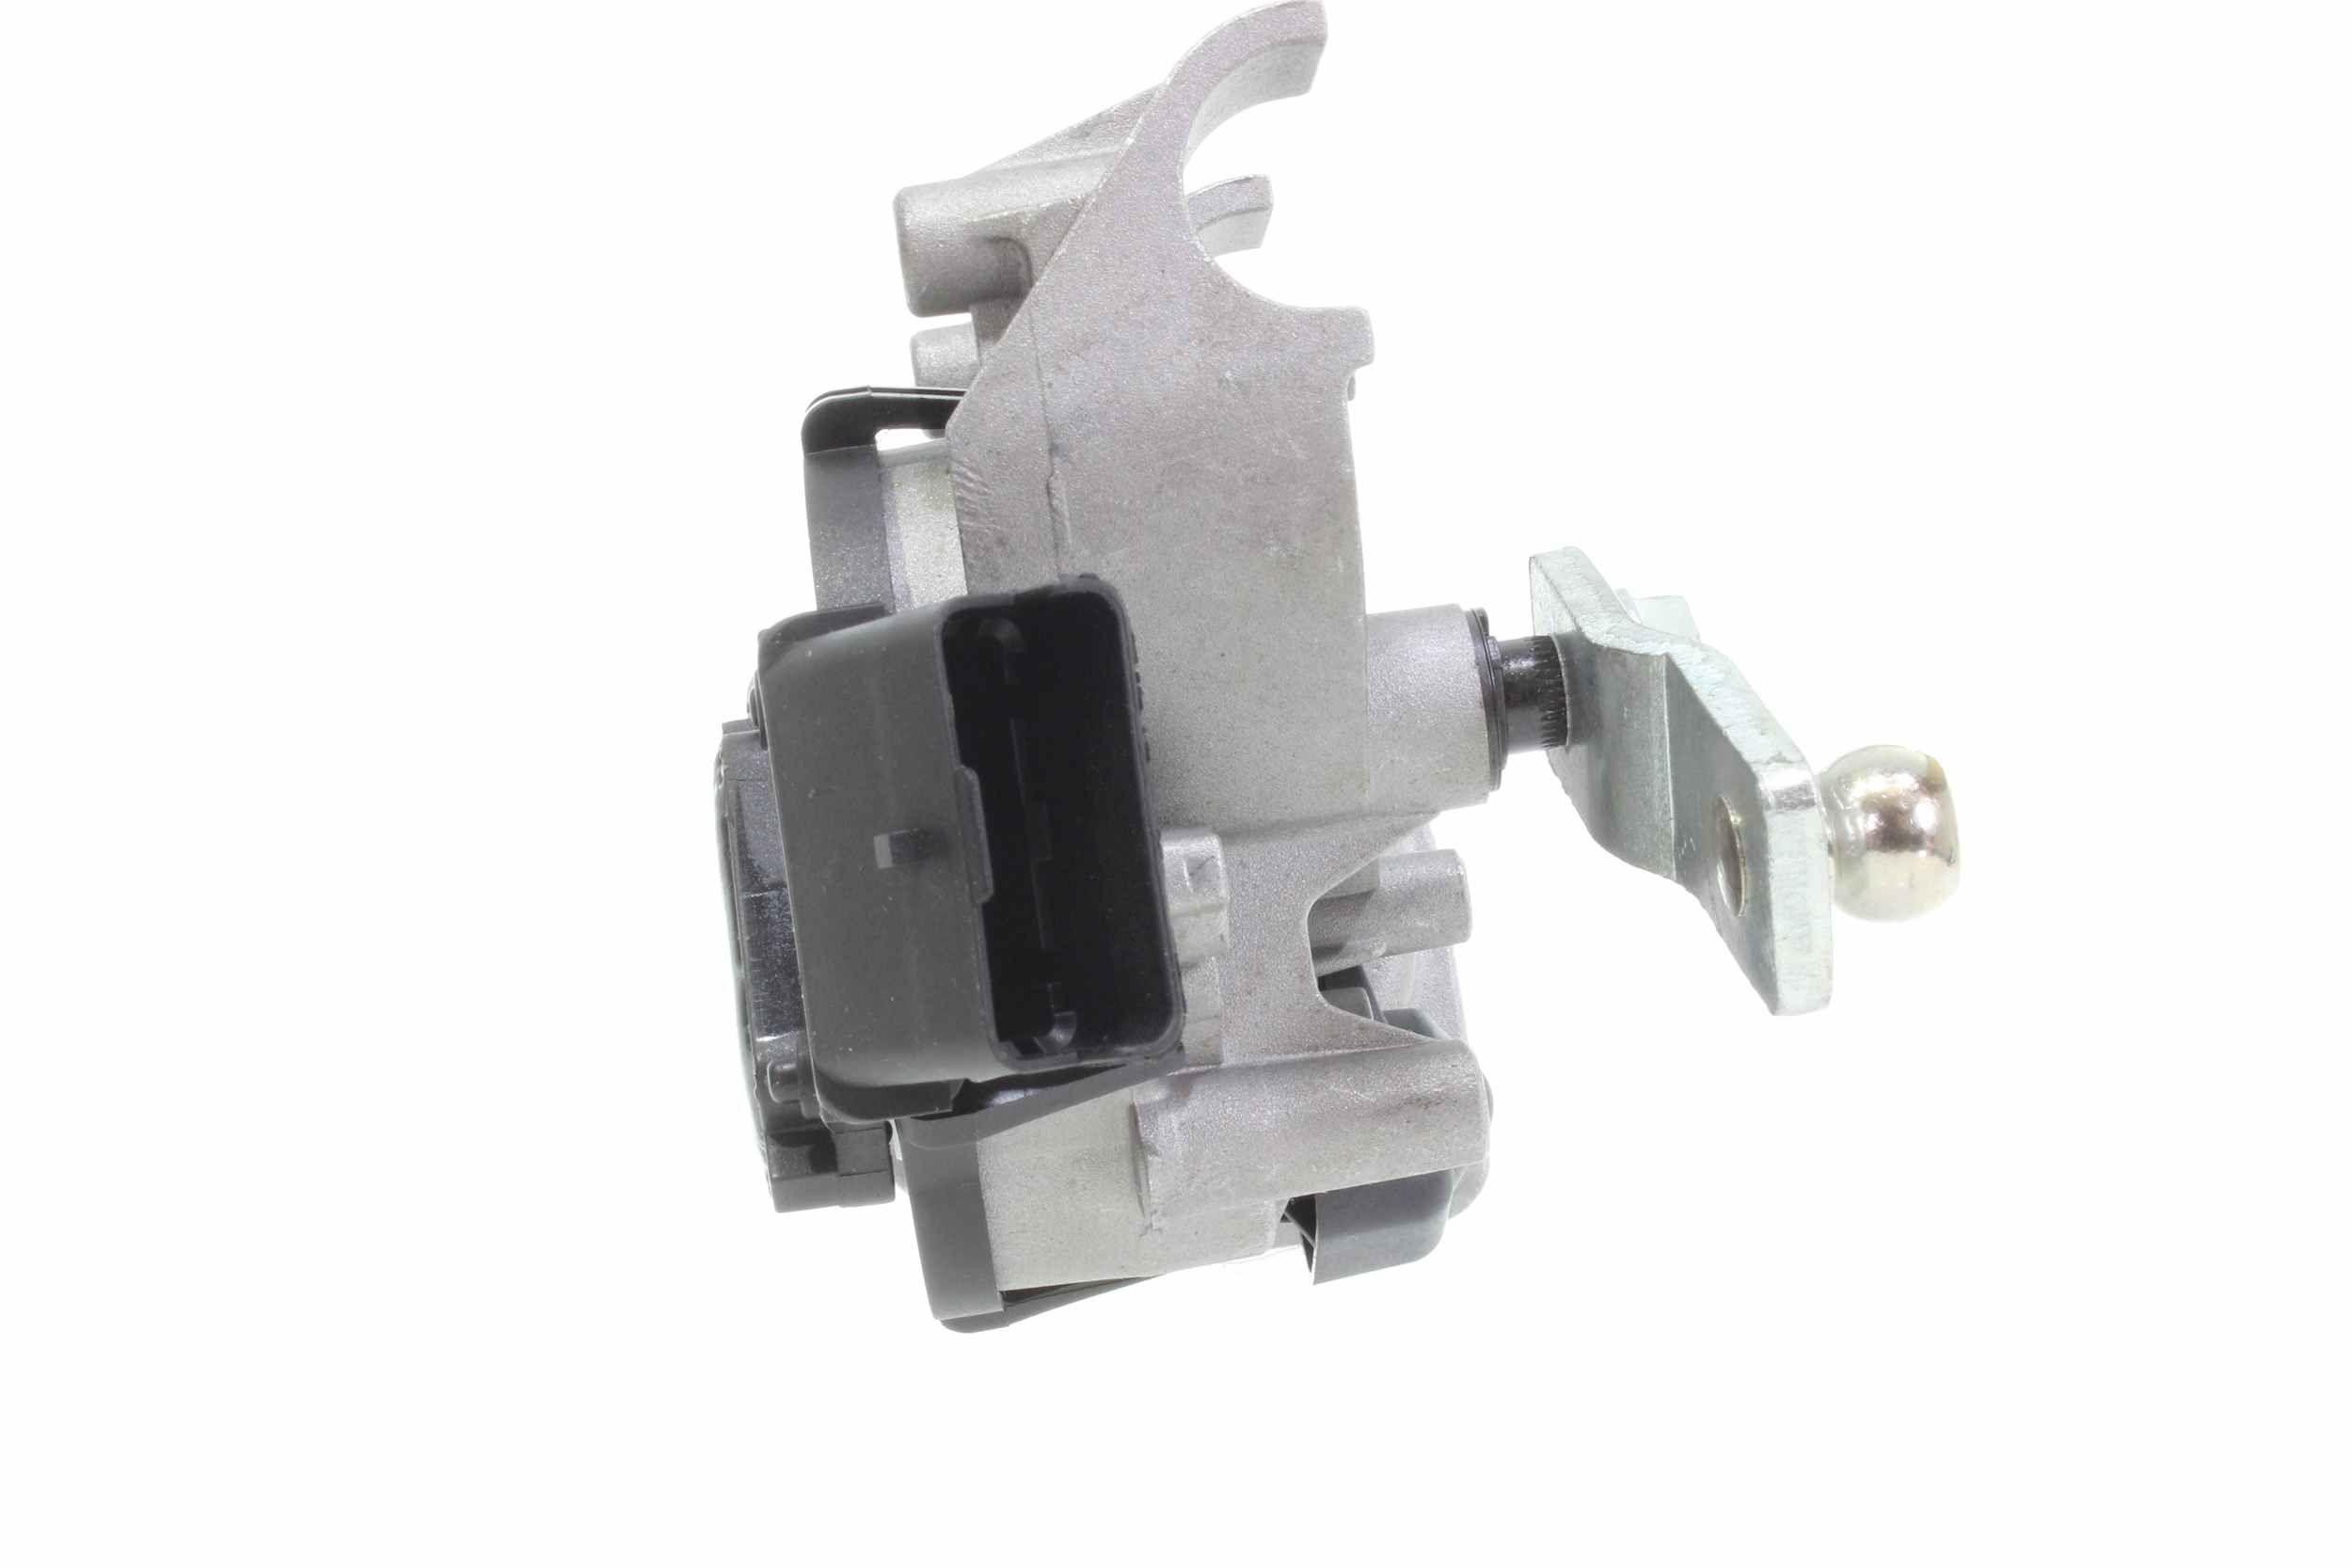 Window Wiper Motor ALANKO 800159 4053082306689